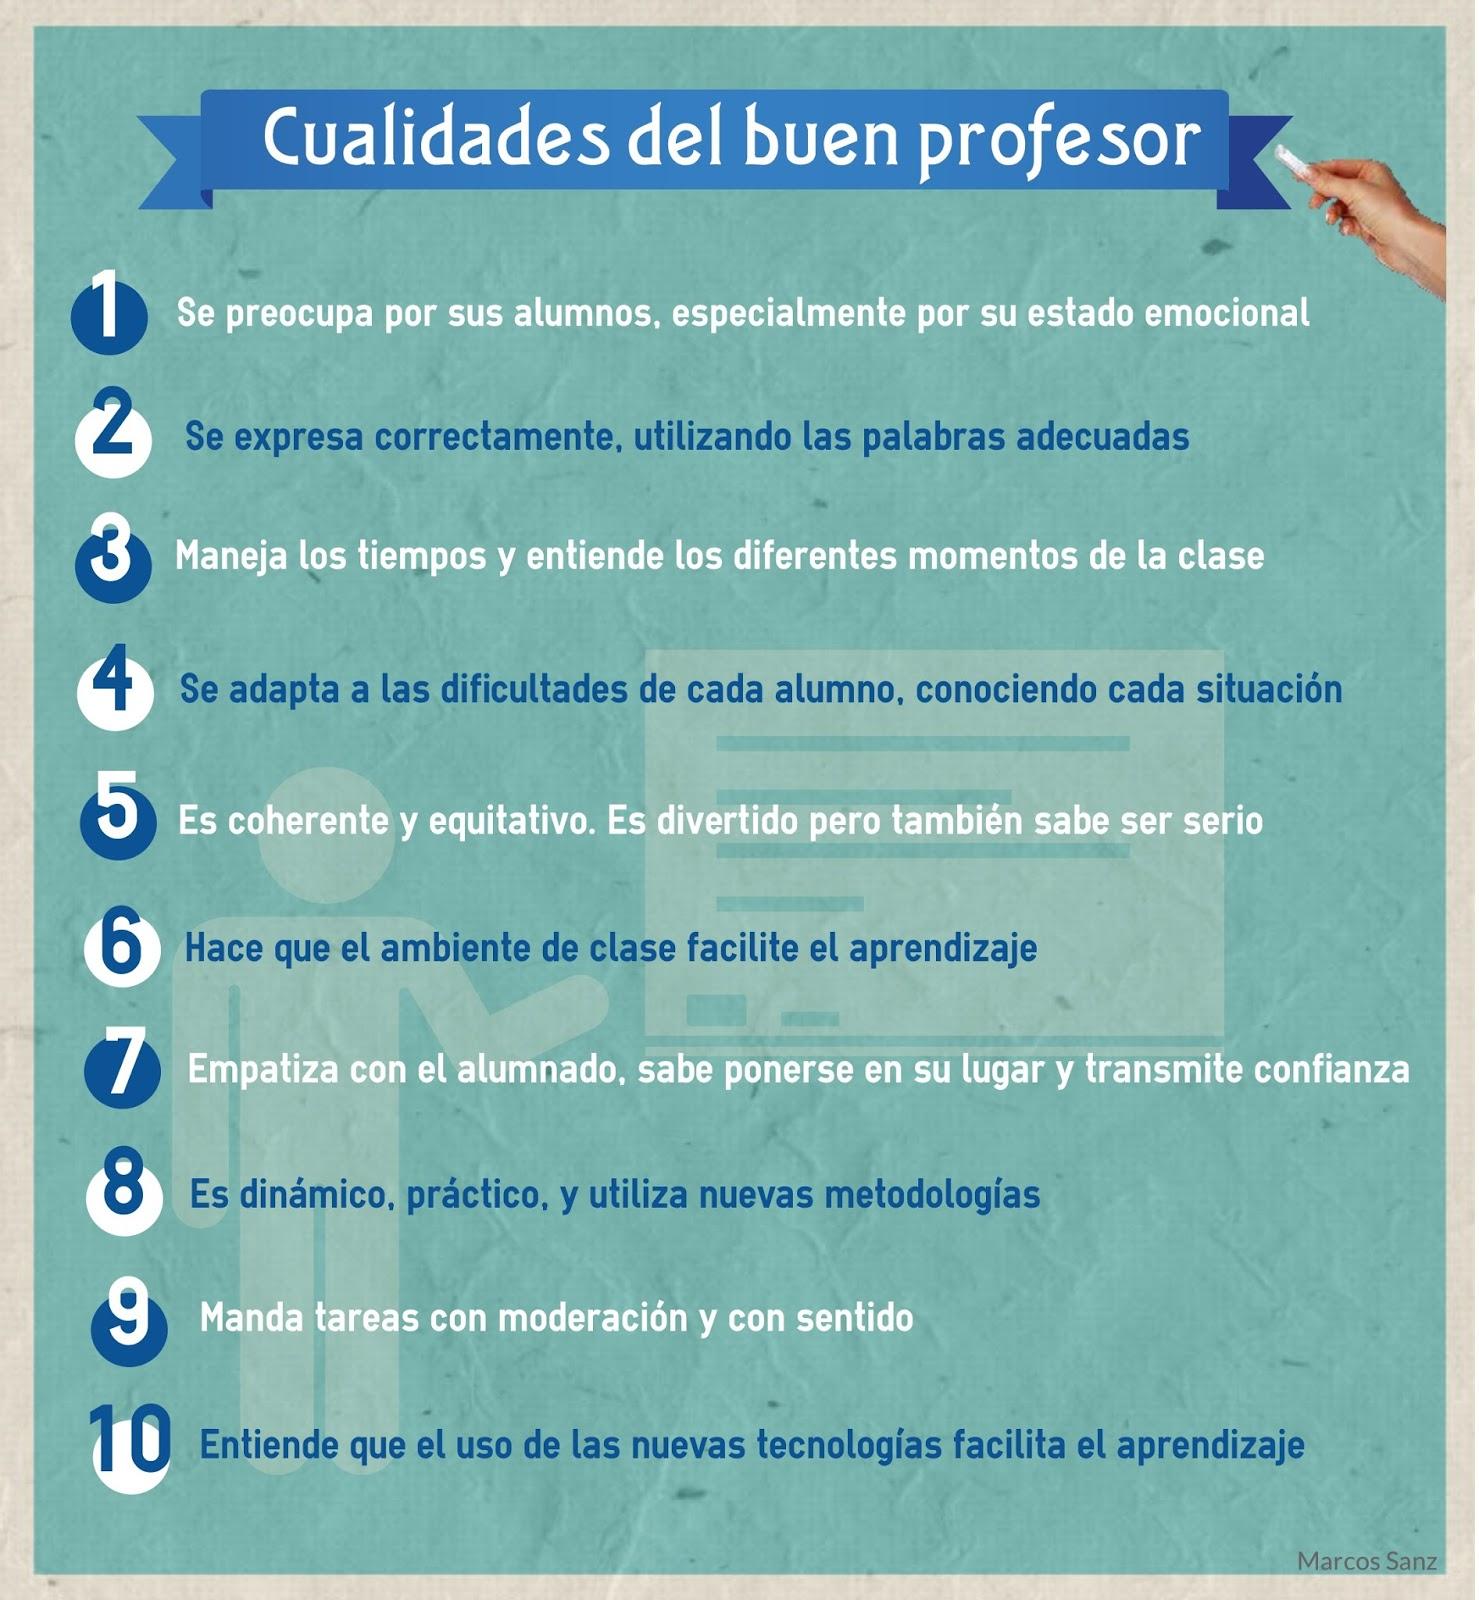 metodocondes  cualidades del un buen profesor